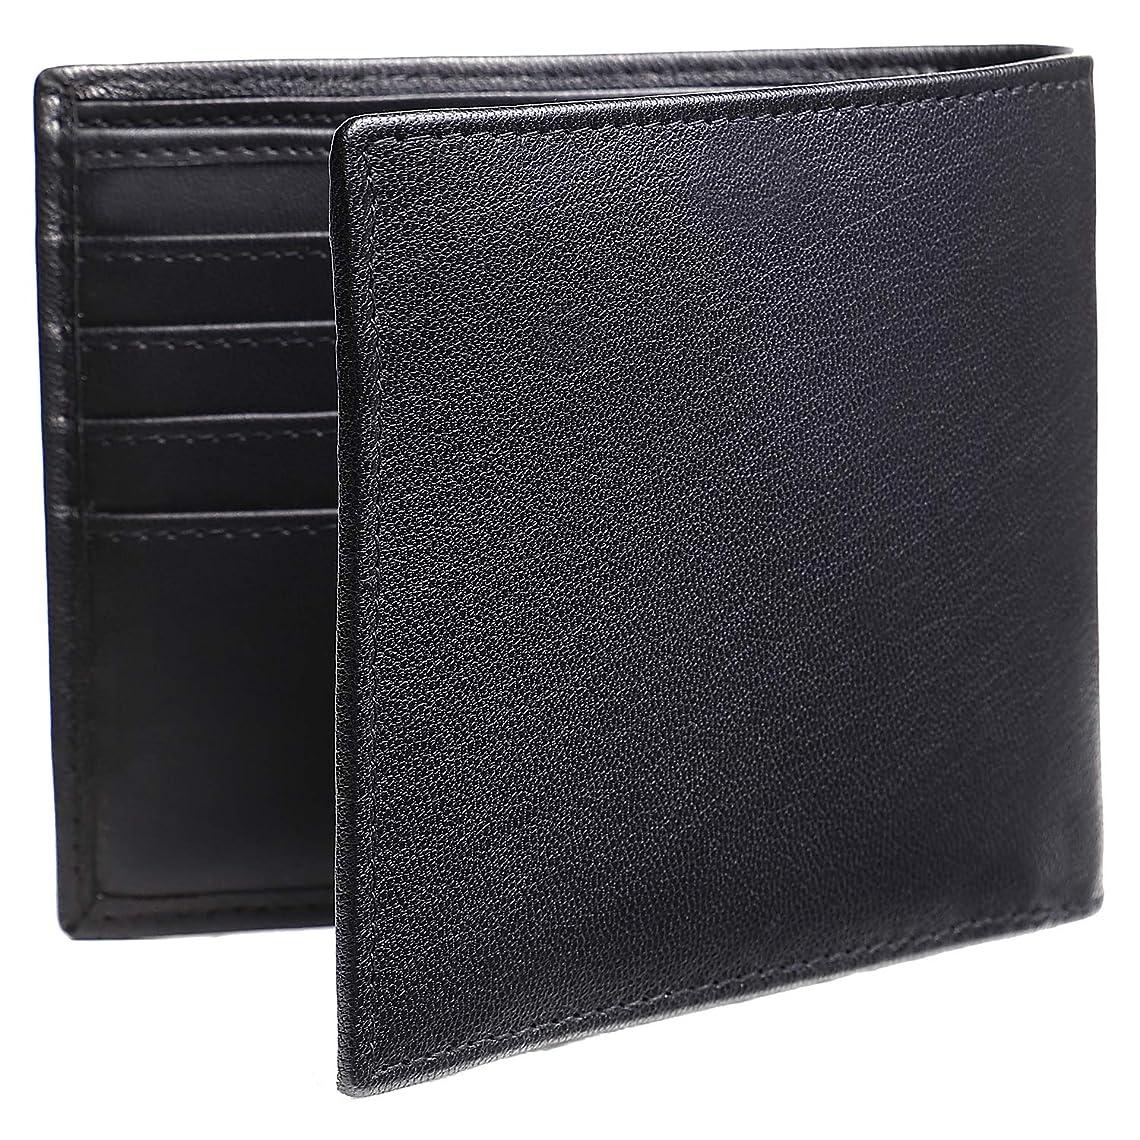 僕の資源名目上の[oryzae] メンズ 二つ折り 財布 本革 牛革 レザー カード4枚